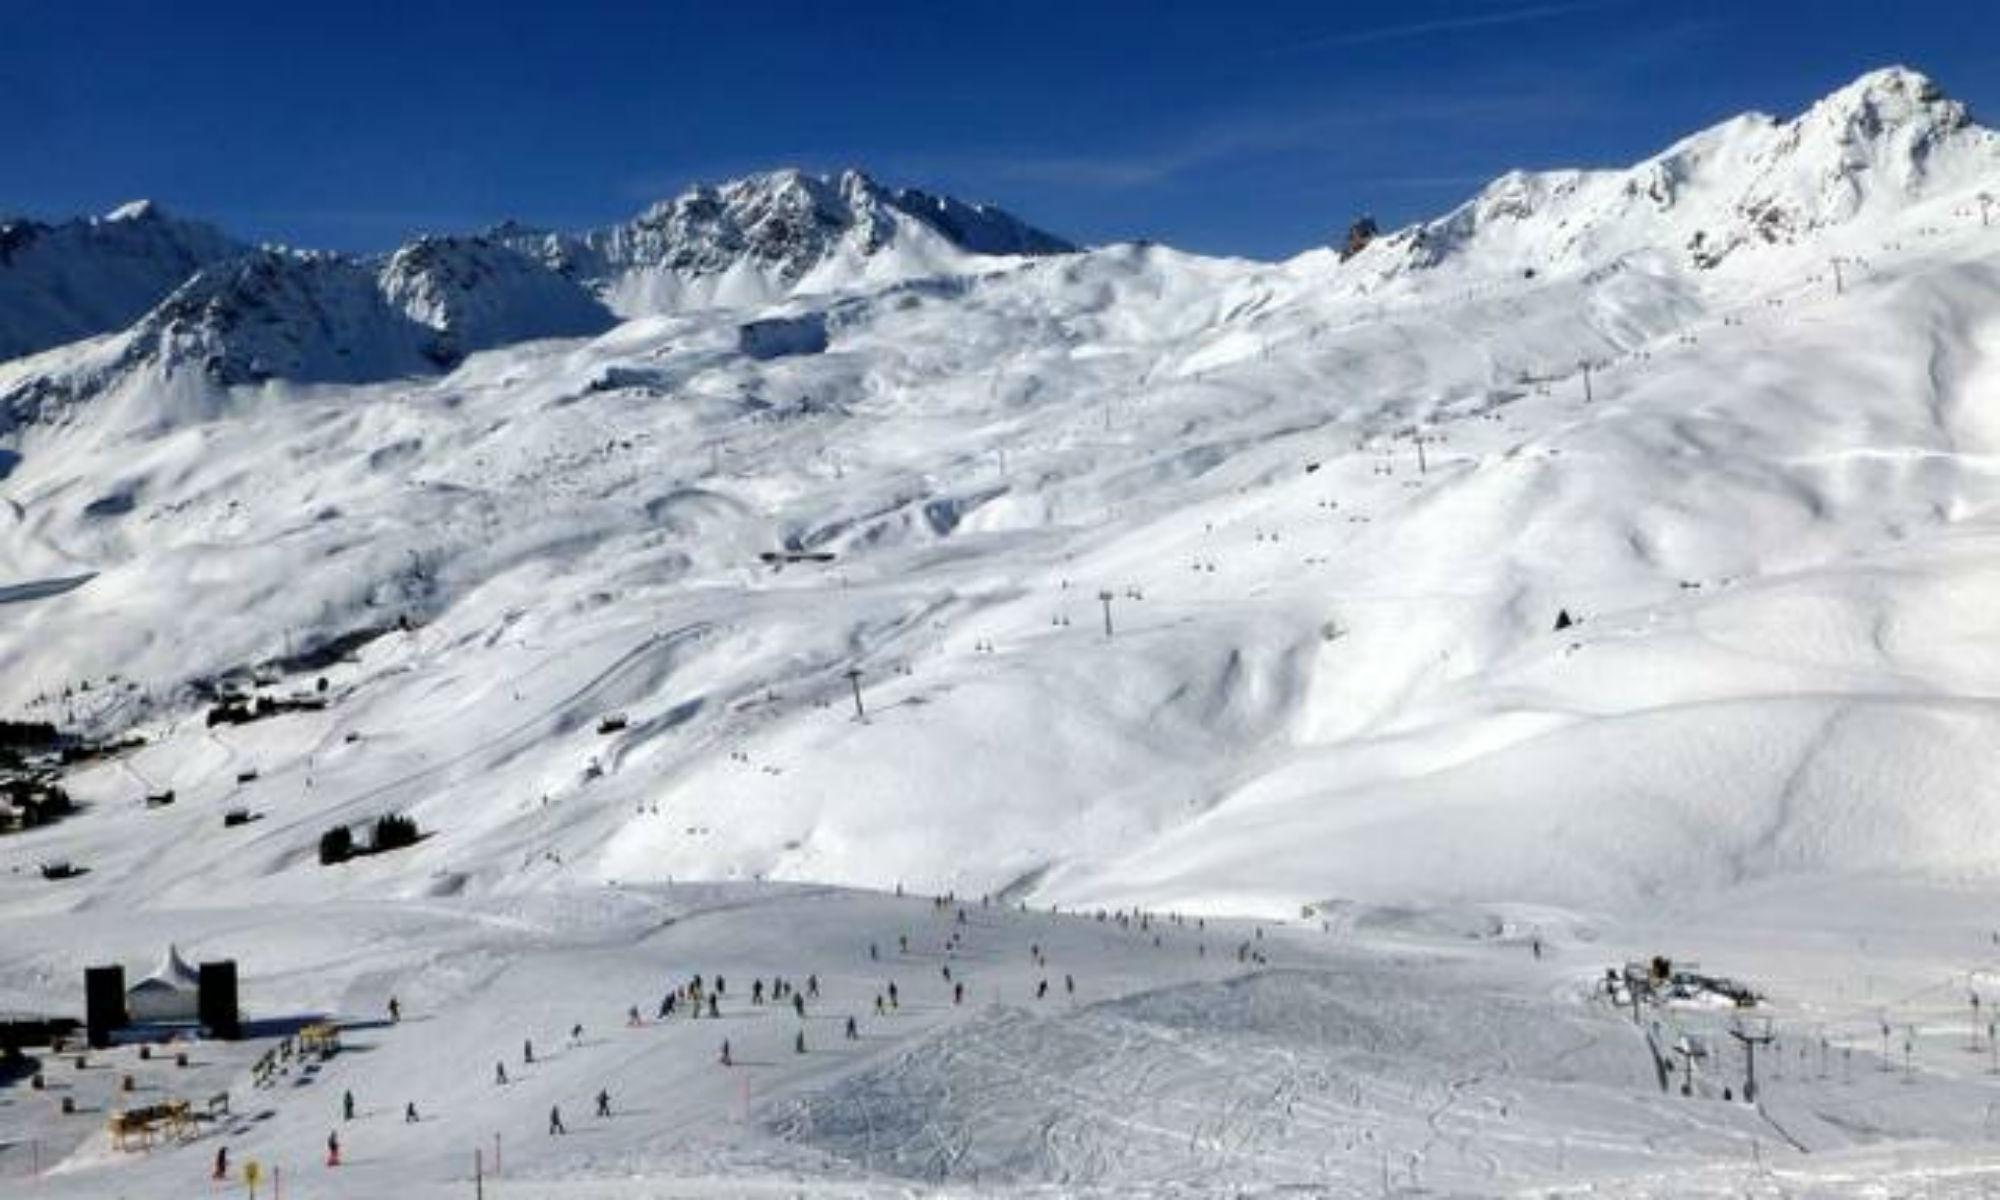 Tief verschneite Pisten im Skigebiet Arosa Lenzerheide bei sonnigem Wetter.